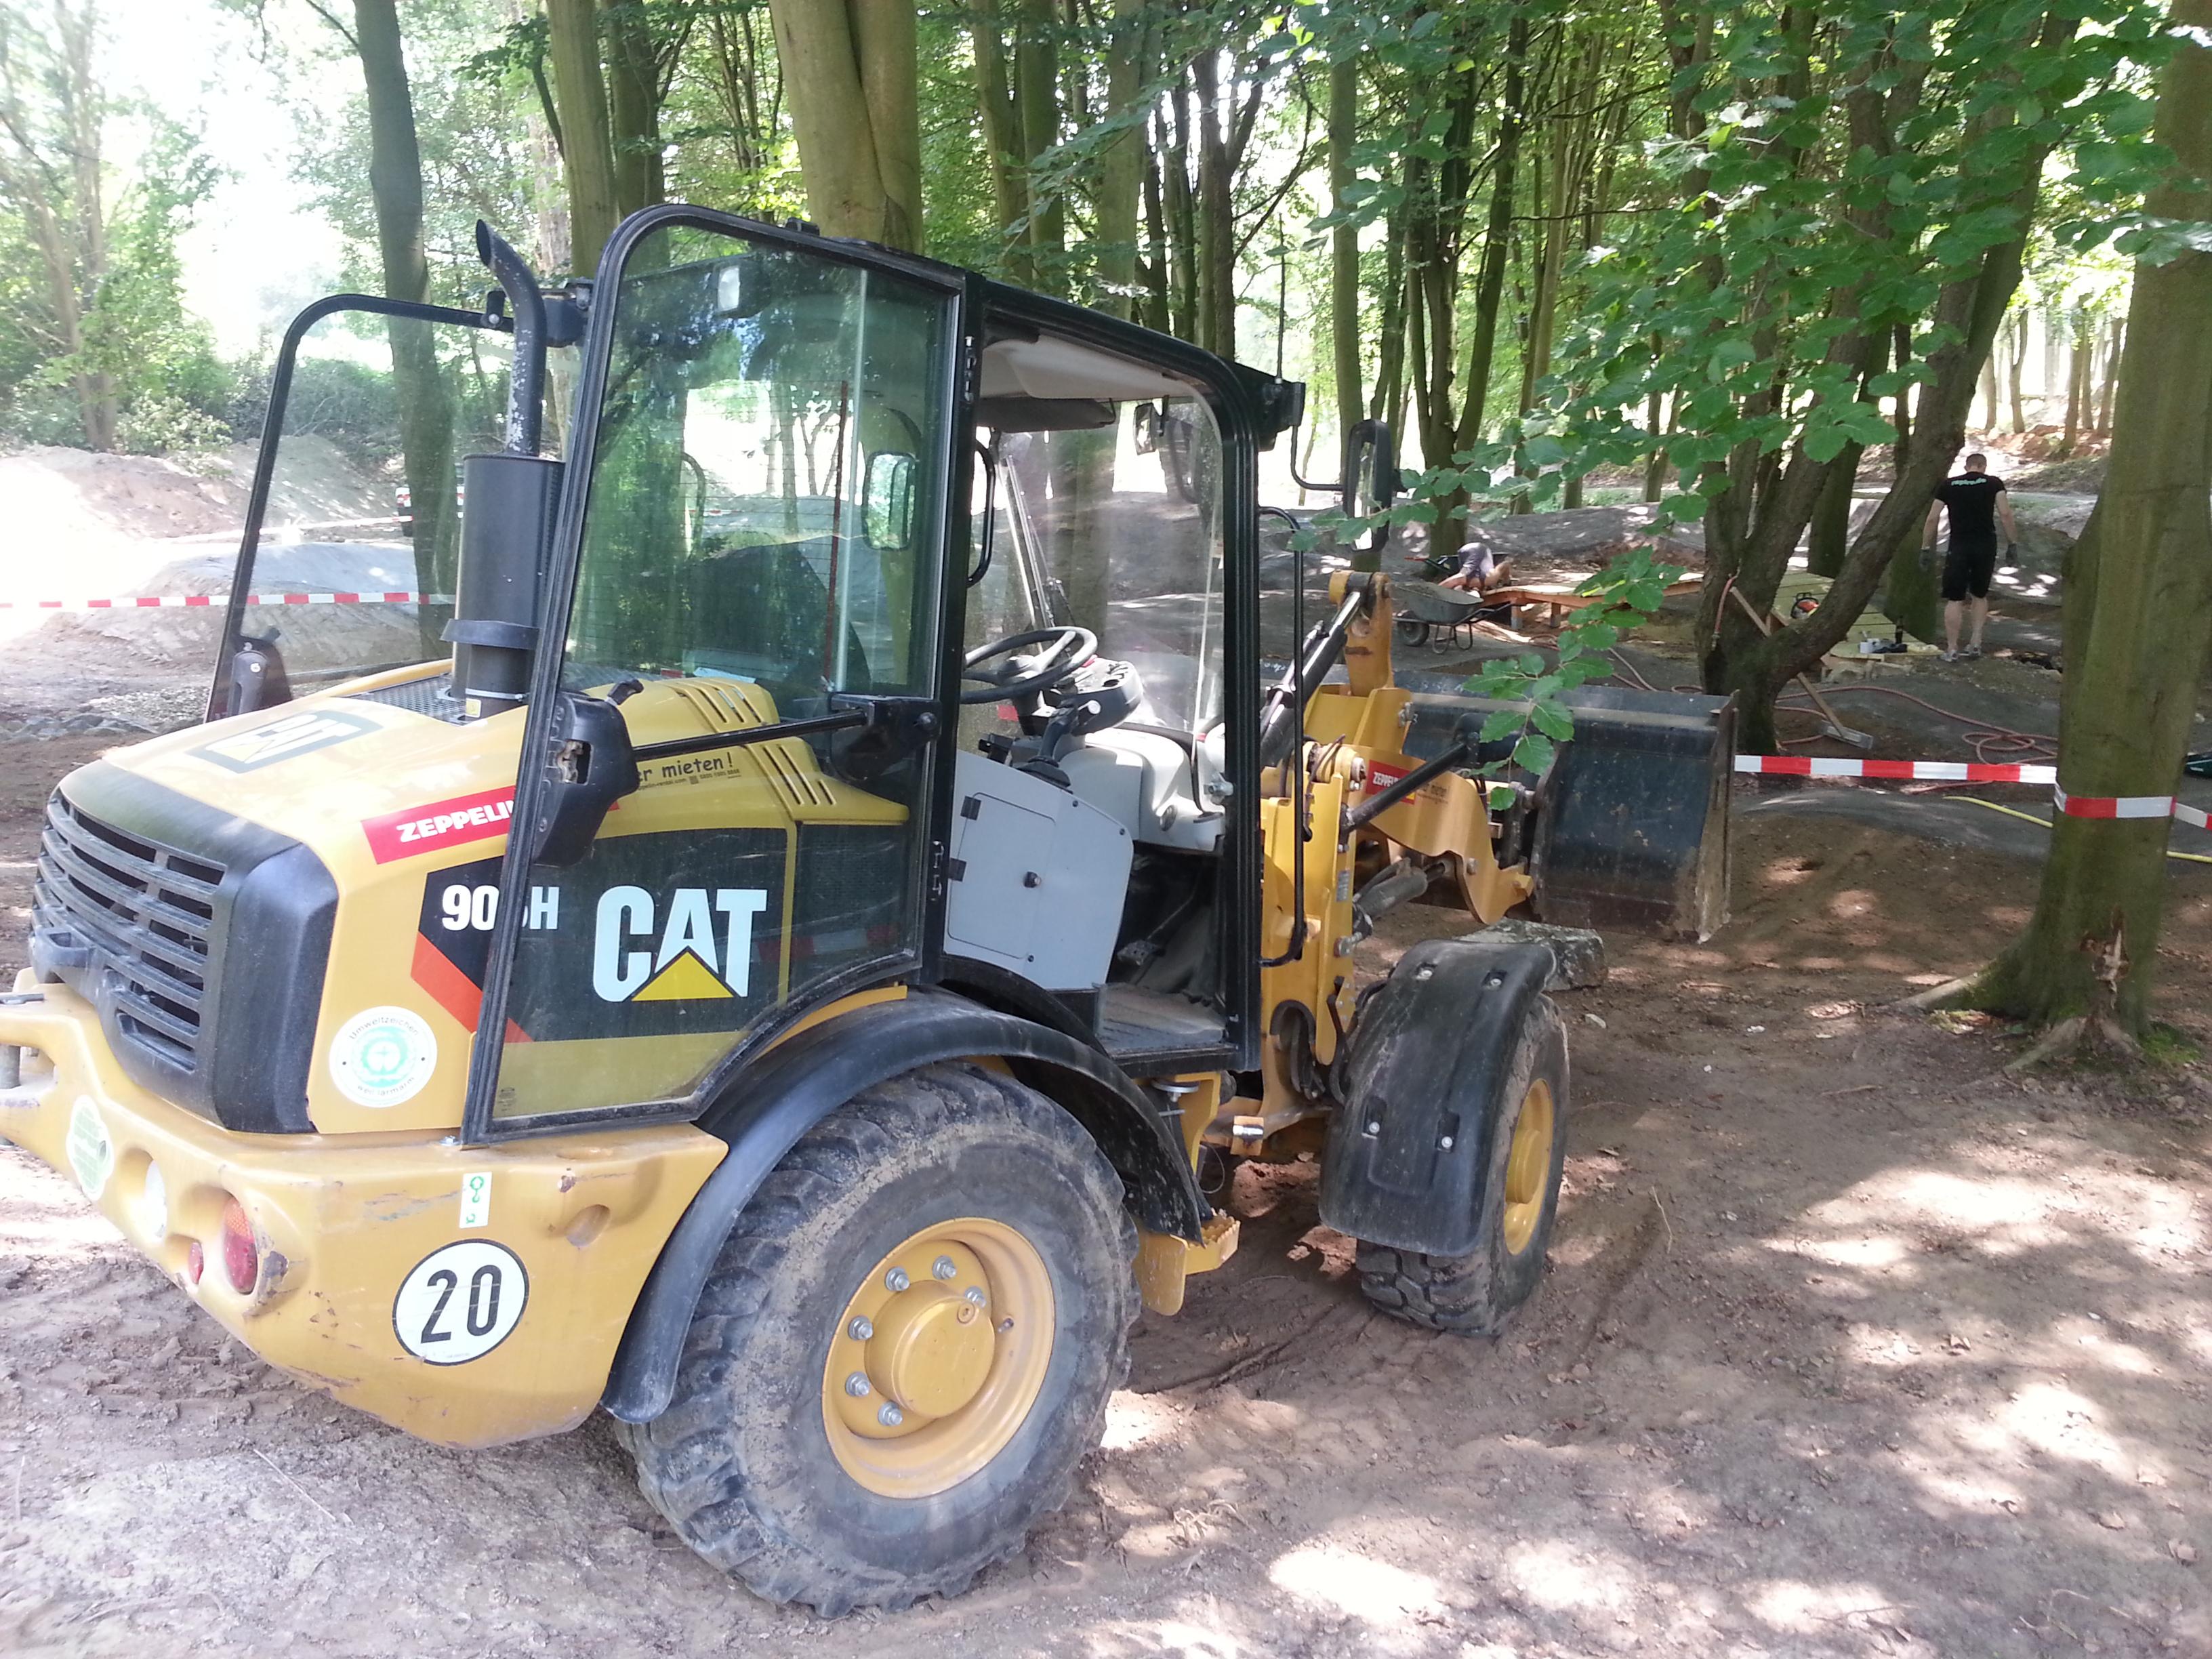 CAT-Radlader der Firma Zeppelin Rental beim Bau des Forest Pump